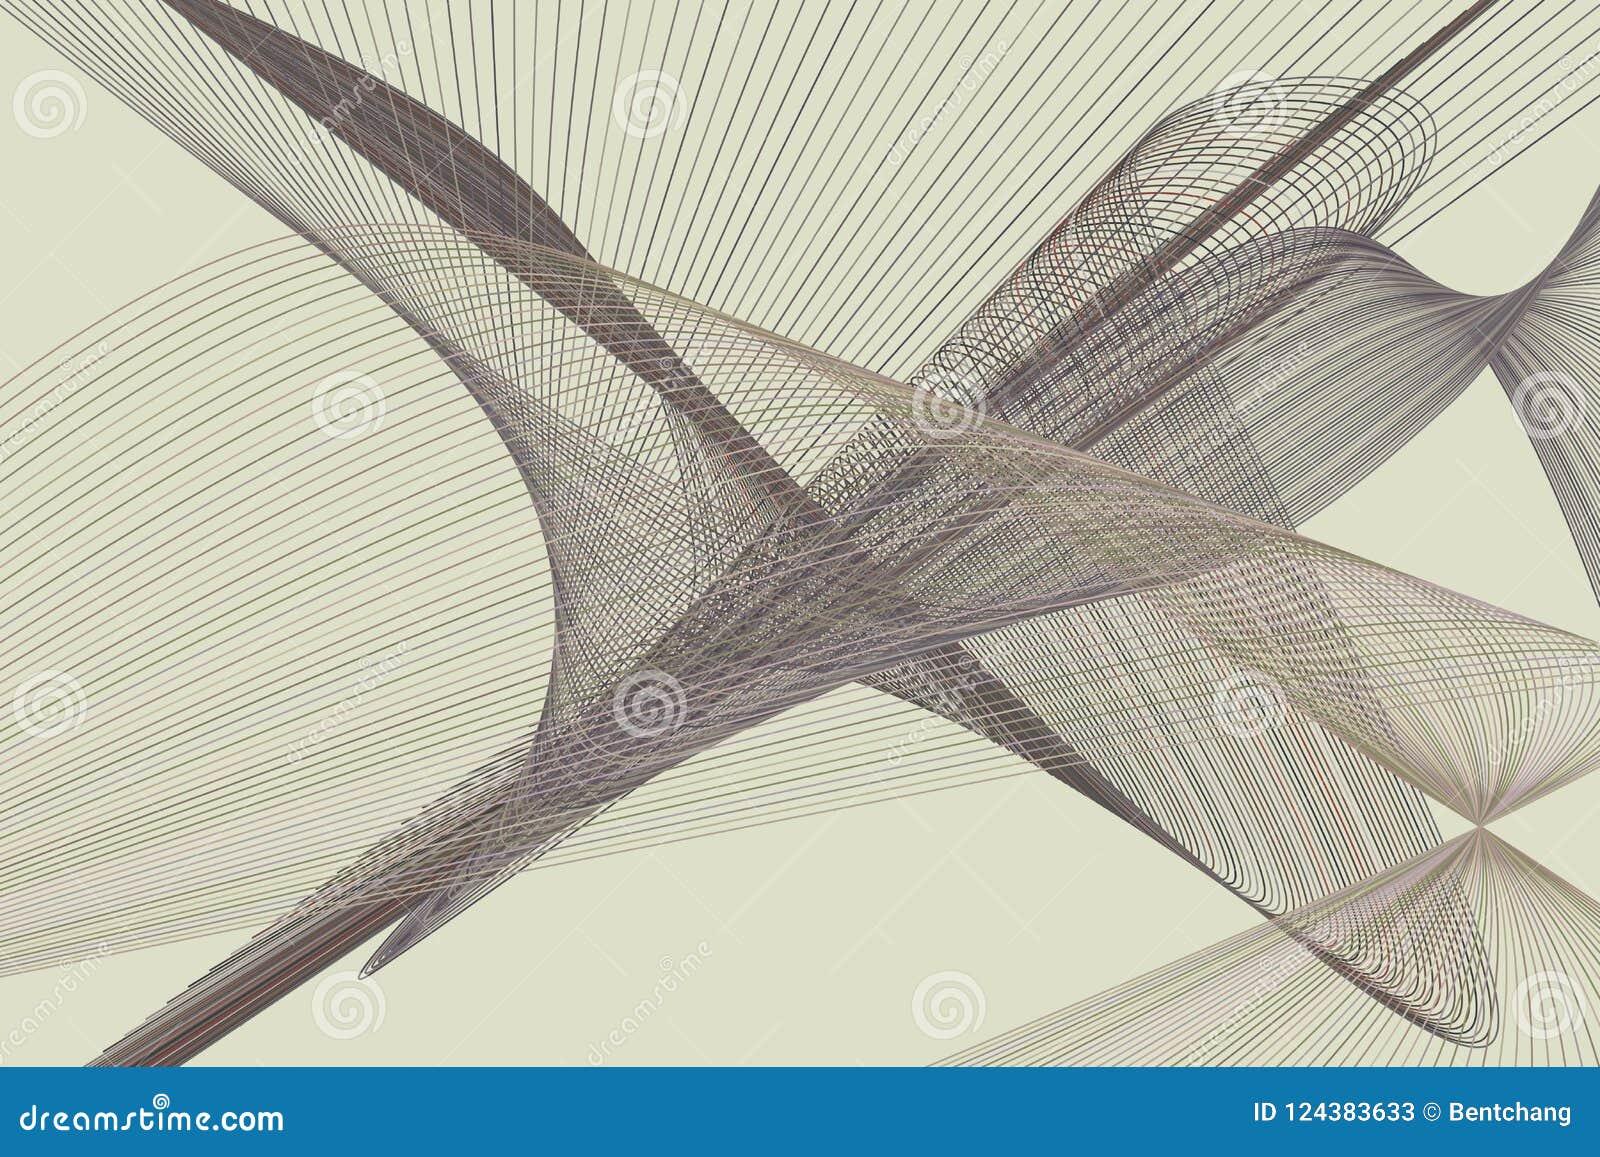 Αφηρημένη γραμμή & γεωμετρικό σχέδιο καμπυλών, ζωηρόχρωμος & καλλιτεχνικός για το γραφικό σχέδιο Διάνυσμα, ταπετσαρία, έννοια & α